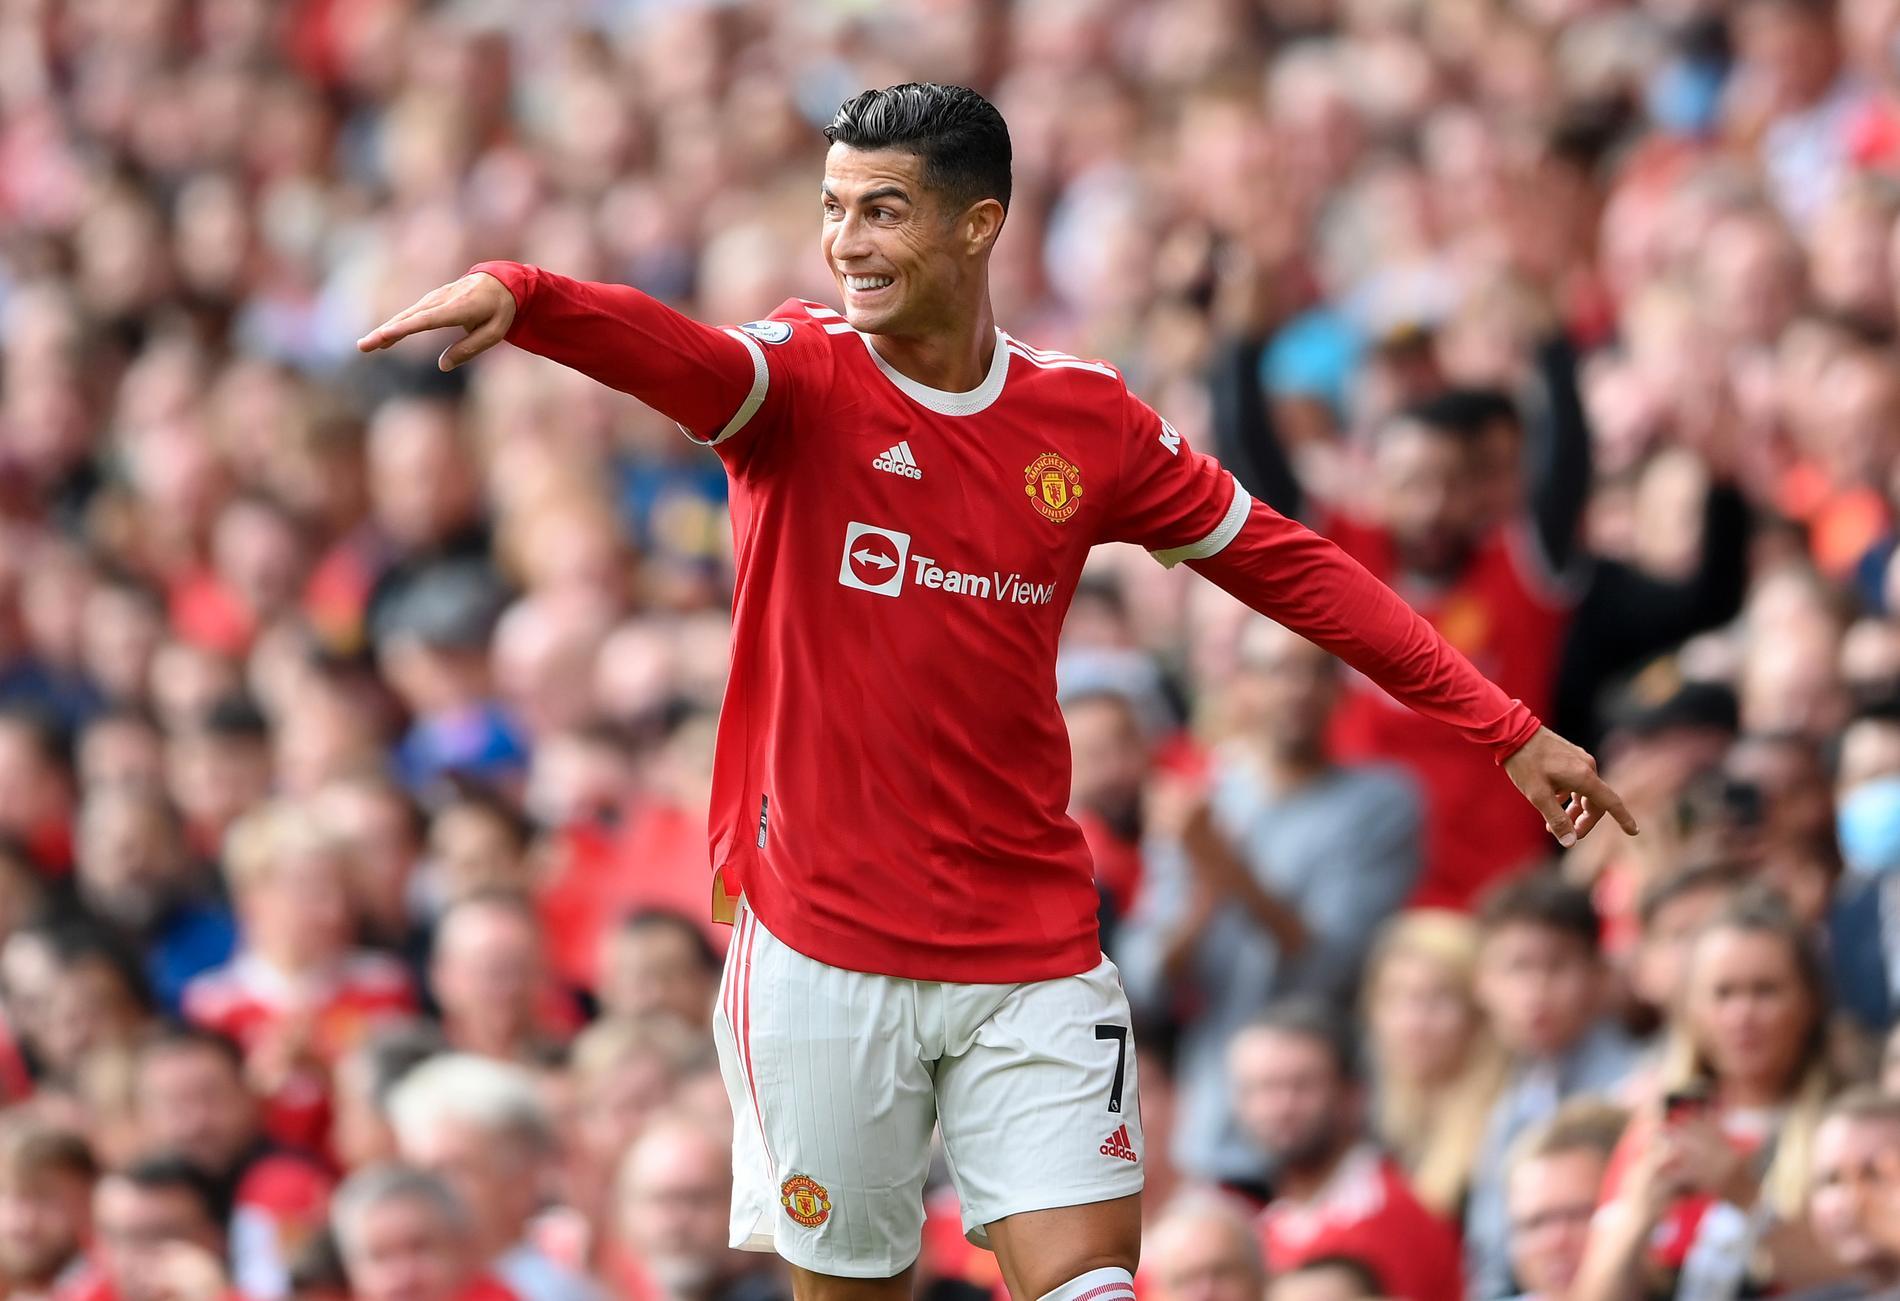 Linjära kunder kommer inte kunna se Ronaldo och Manchester United i kväll.